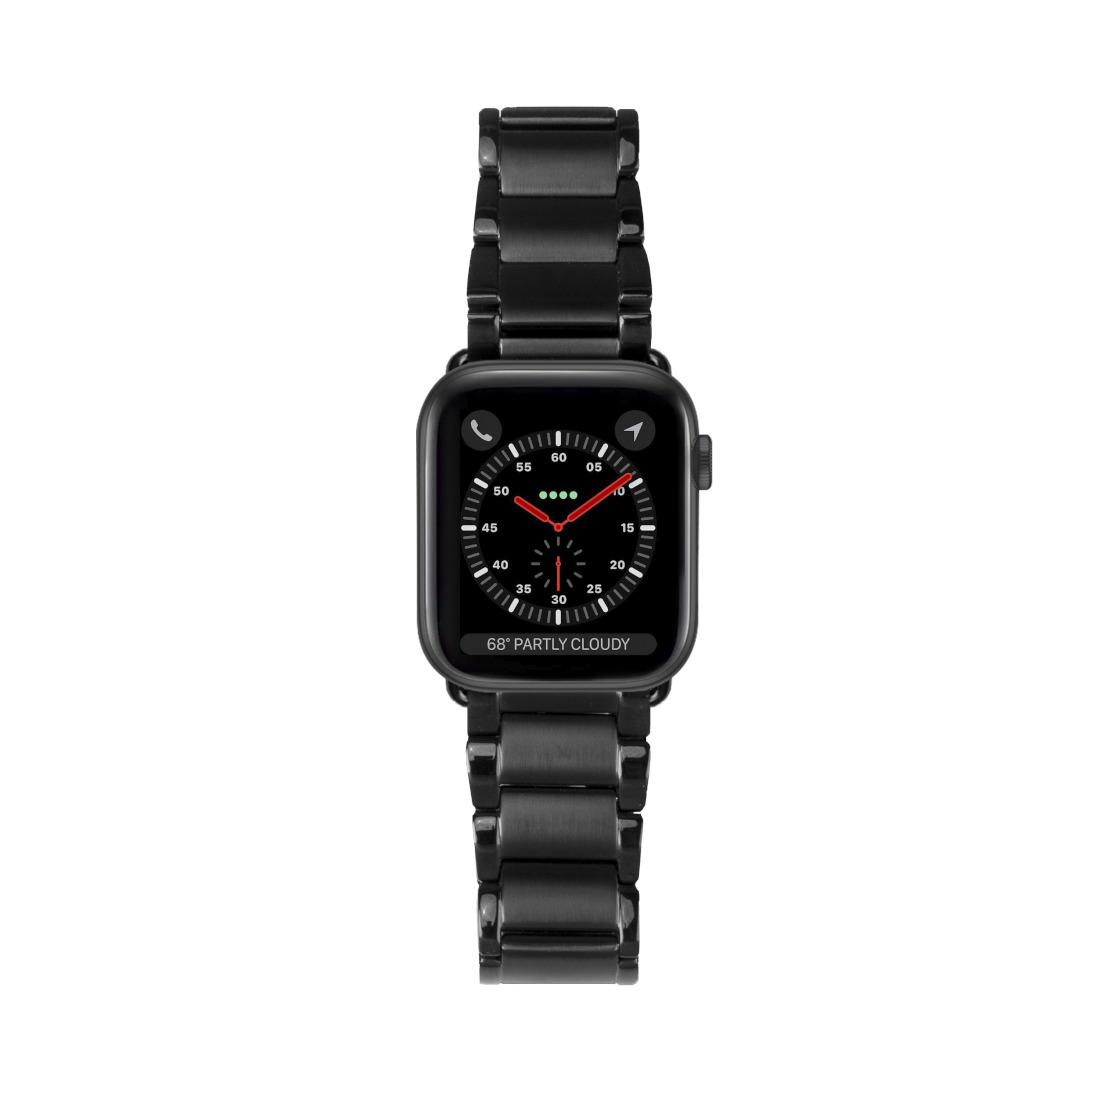 Apple Watch Band - Link Bracelet Band (42mm/44mm) - Black